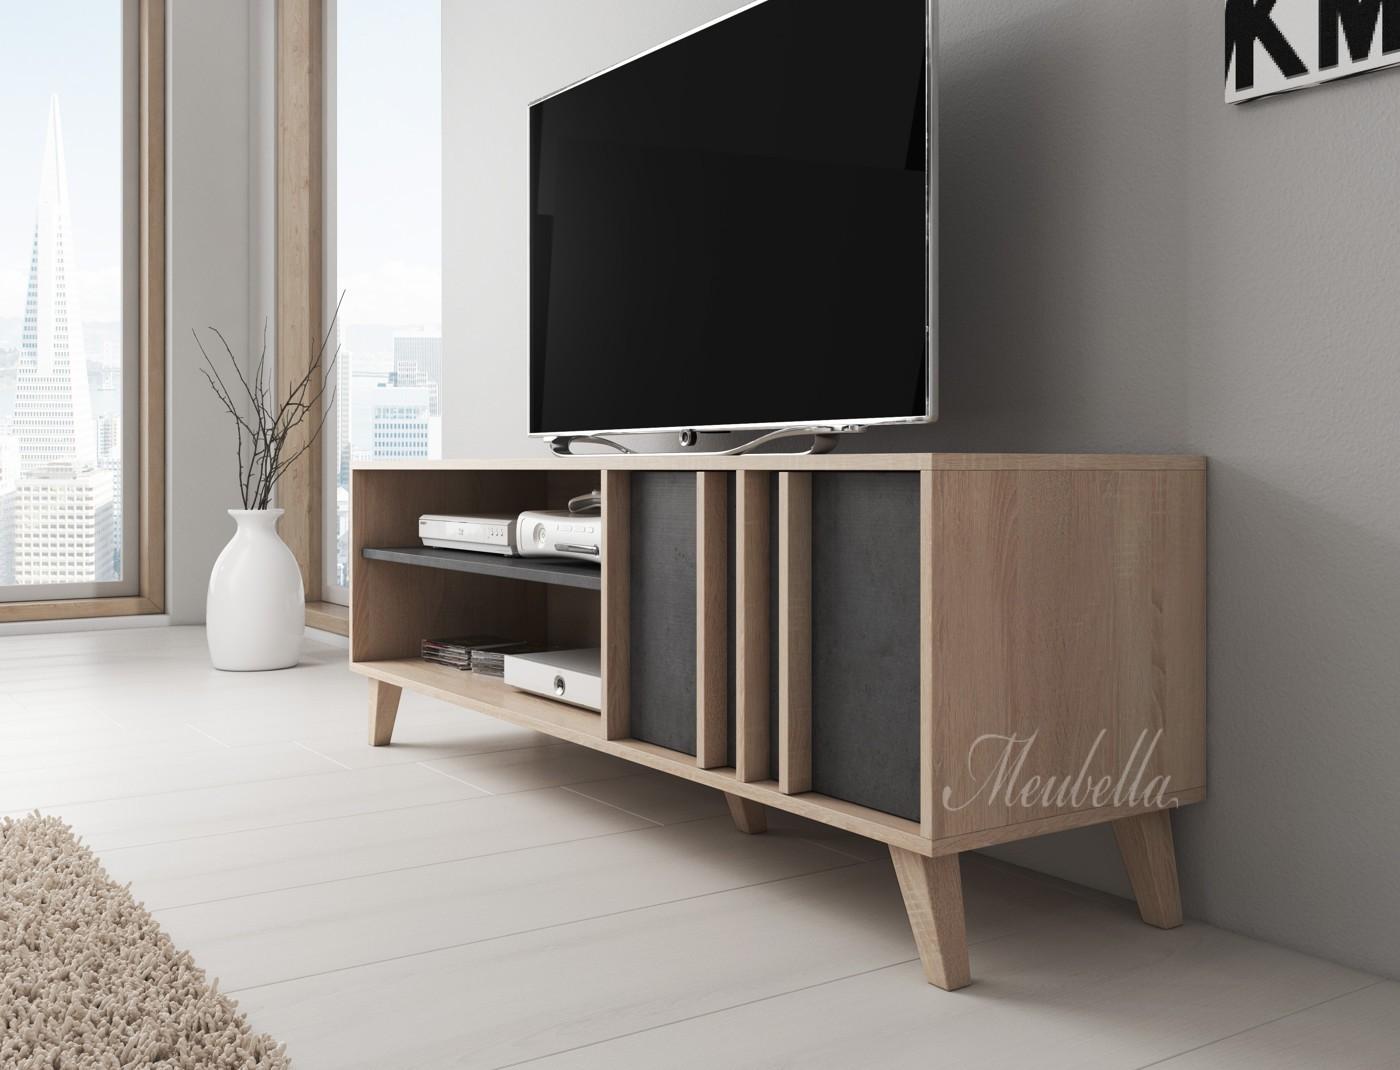 Licht Eiken Meubelen : Vander drift meubelen eikenhouten meubelen